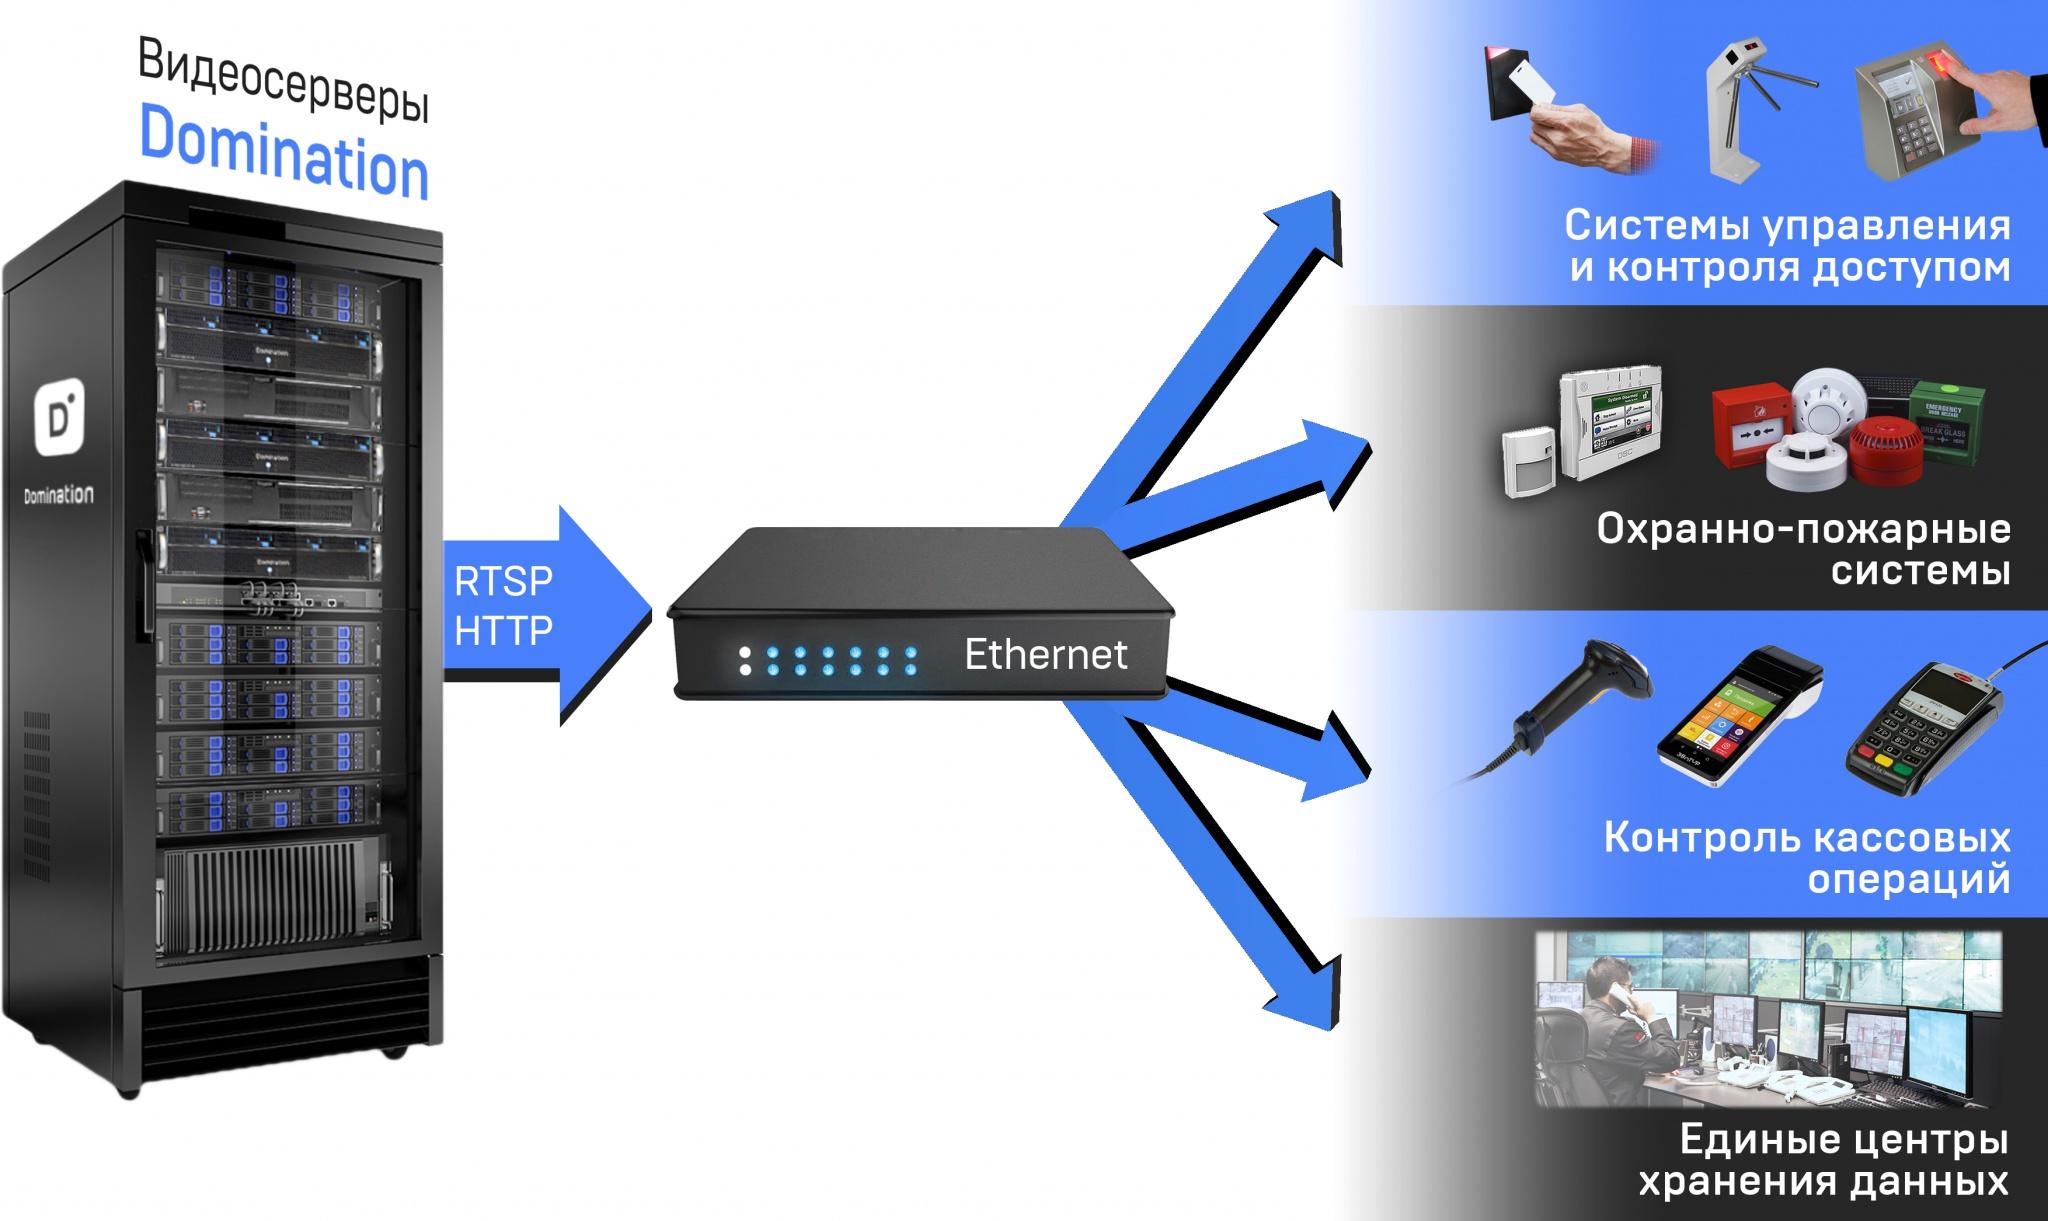 Интеграция видеосервера